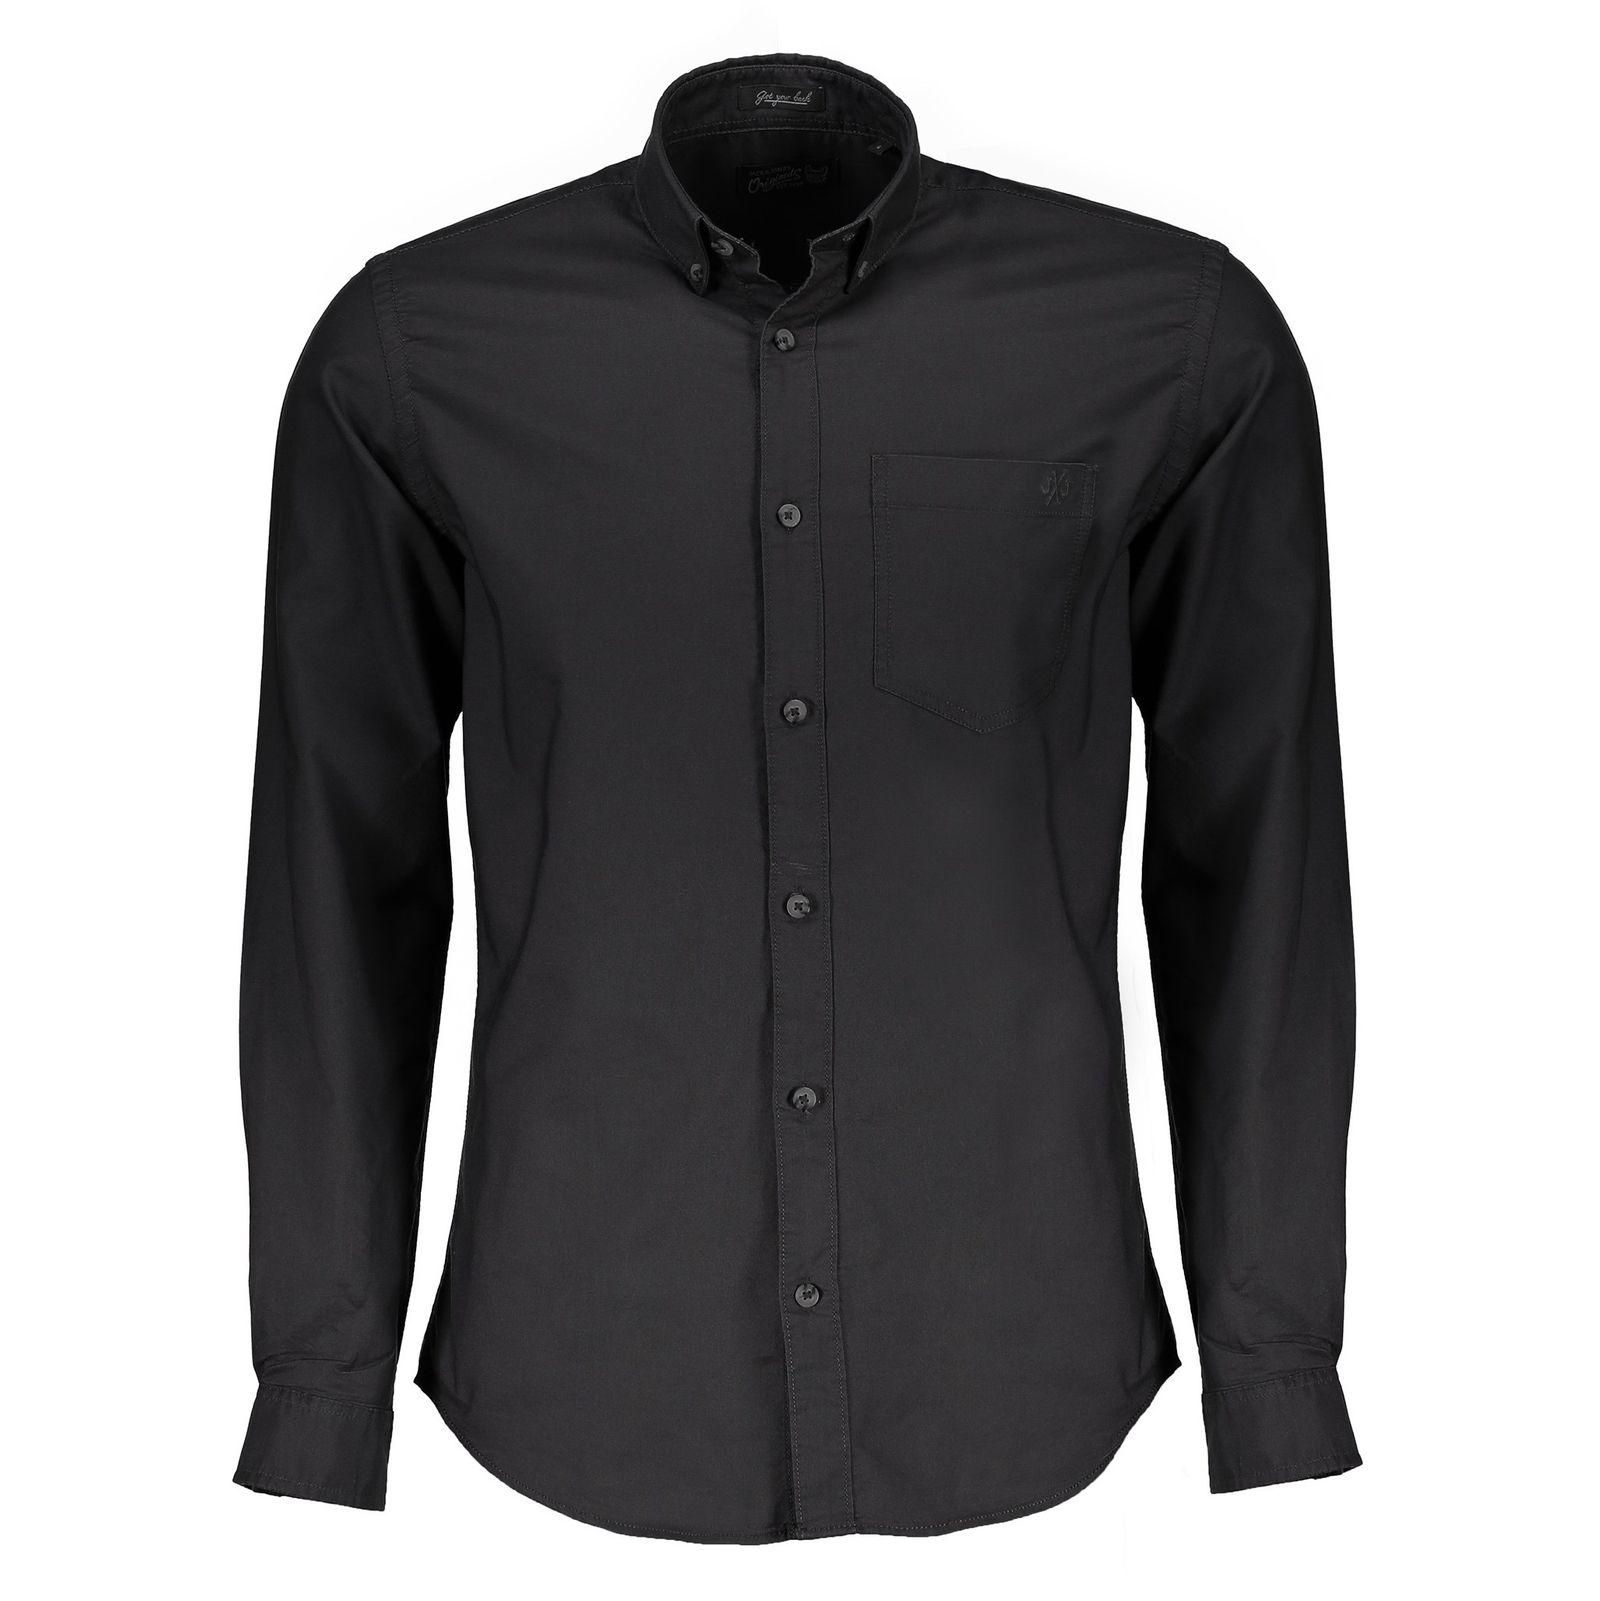 پیراهن نخی آستین بلند مردانه - جک اند جونز - زغالي - 1